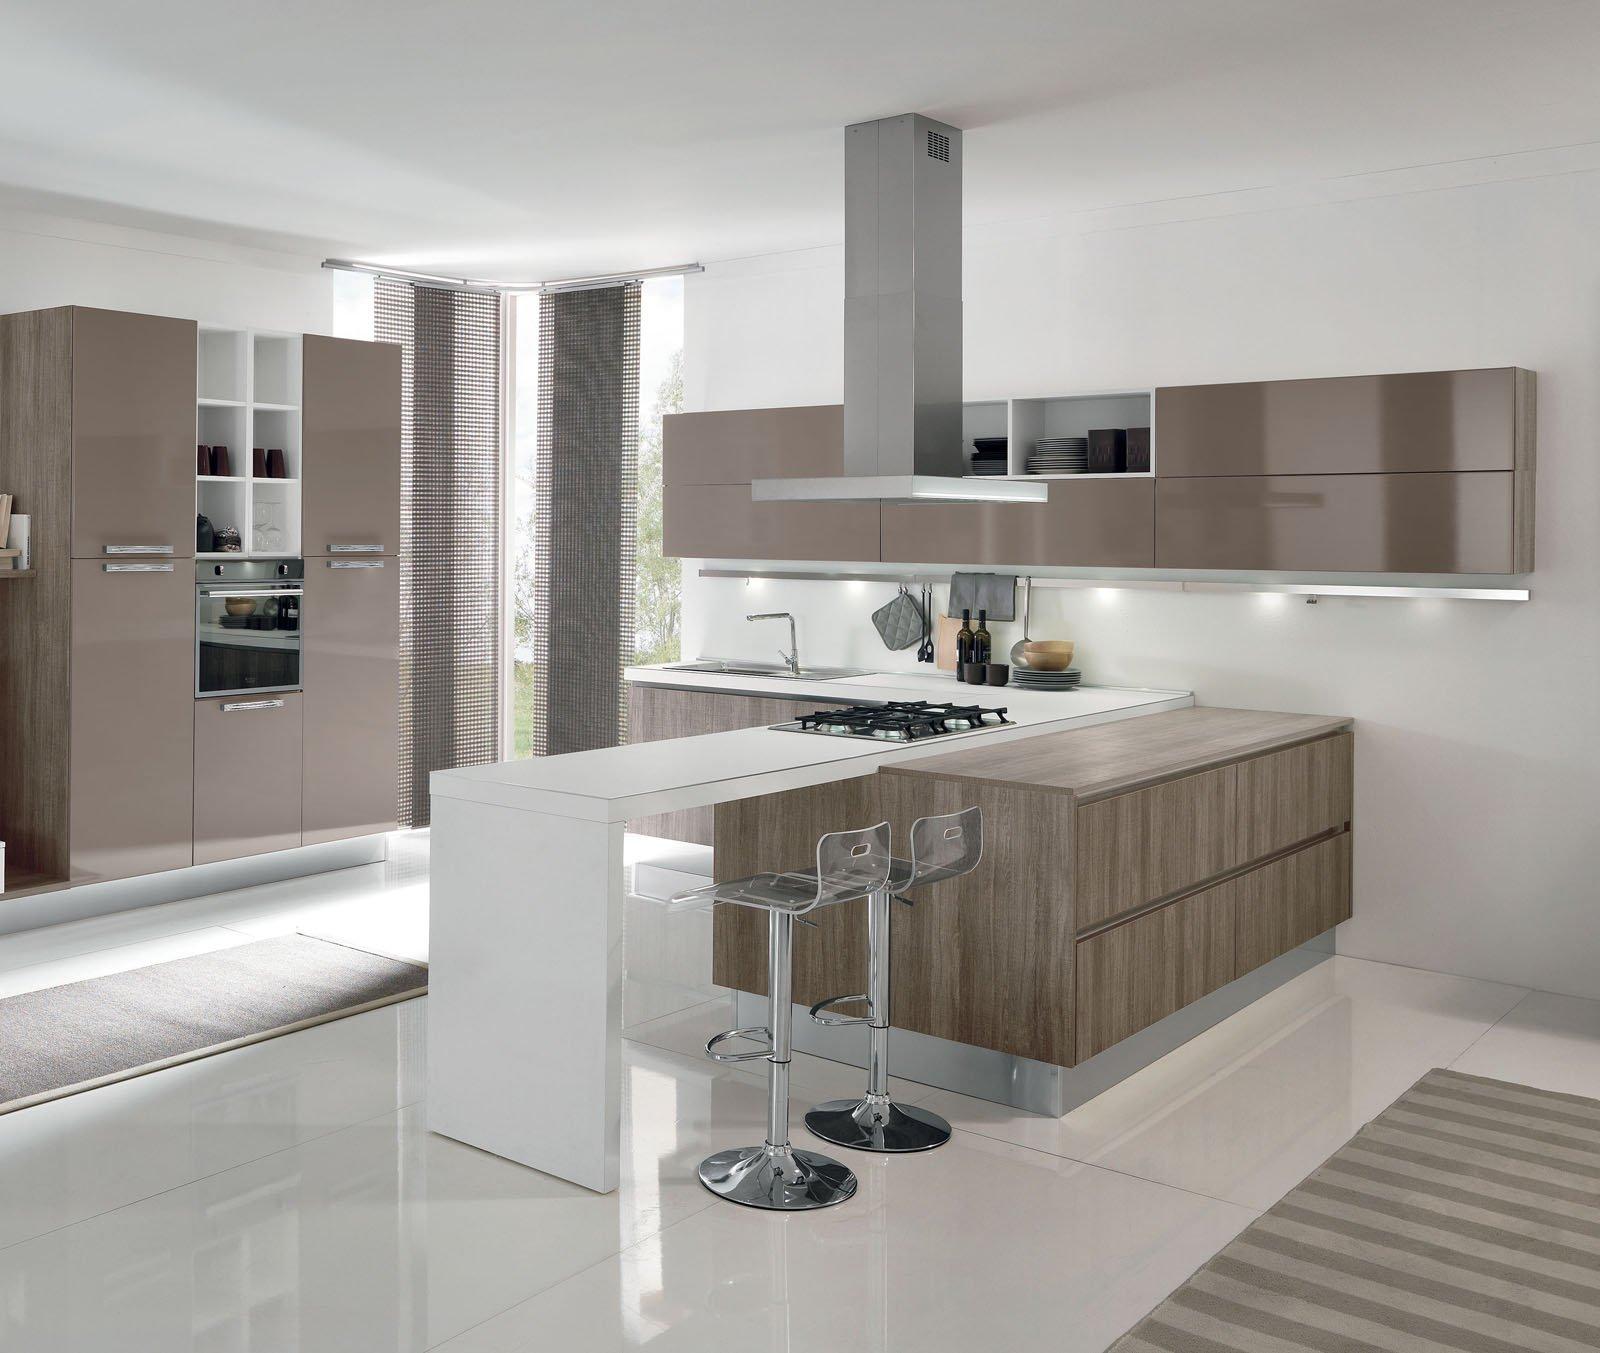 Mobili da cucina per piccoli spazi Ottimizzare lo spazio